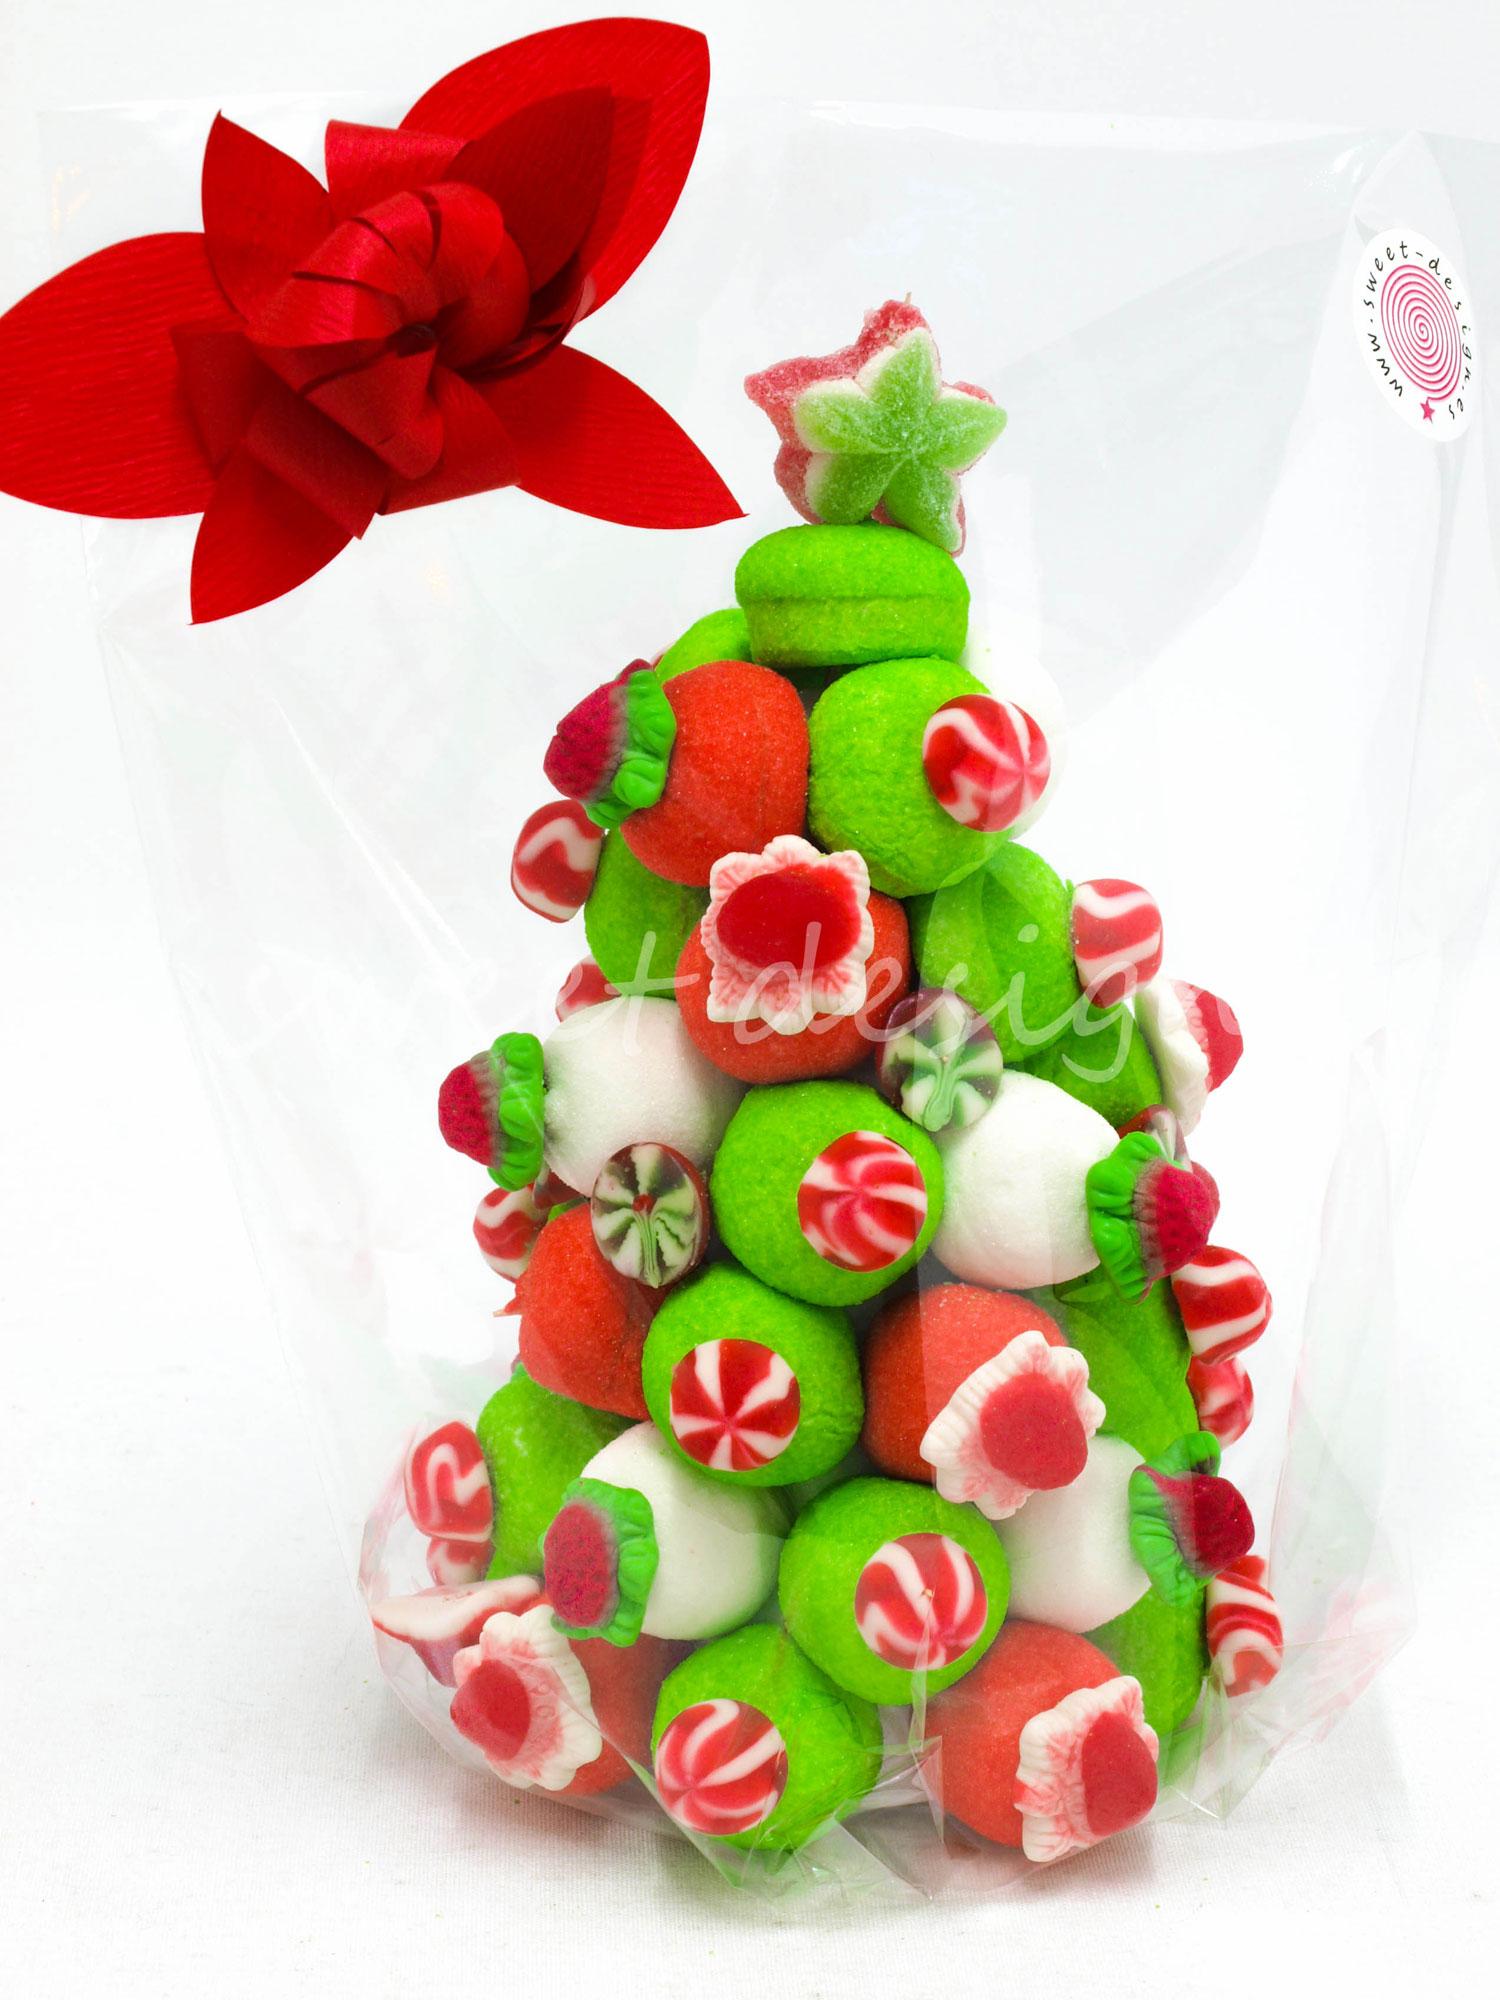 Arbol de navidad sweet design - Arbol de navidad con regalos ...